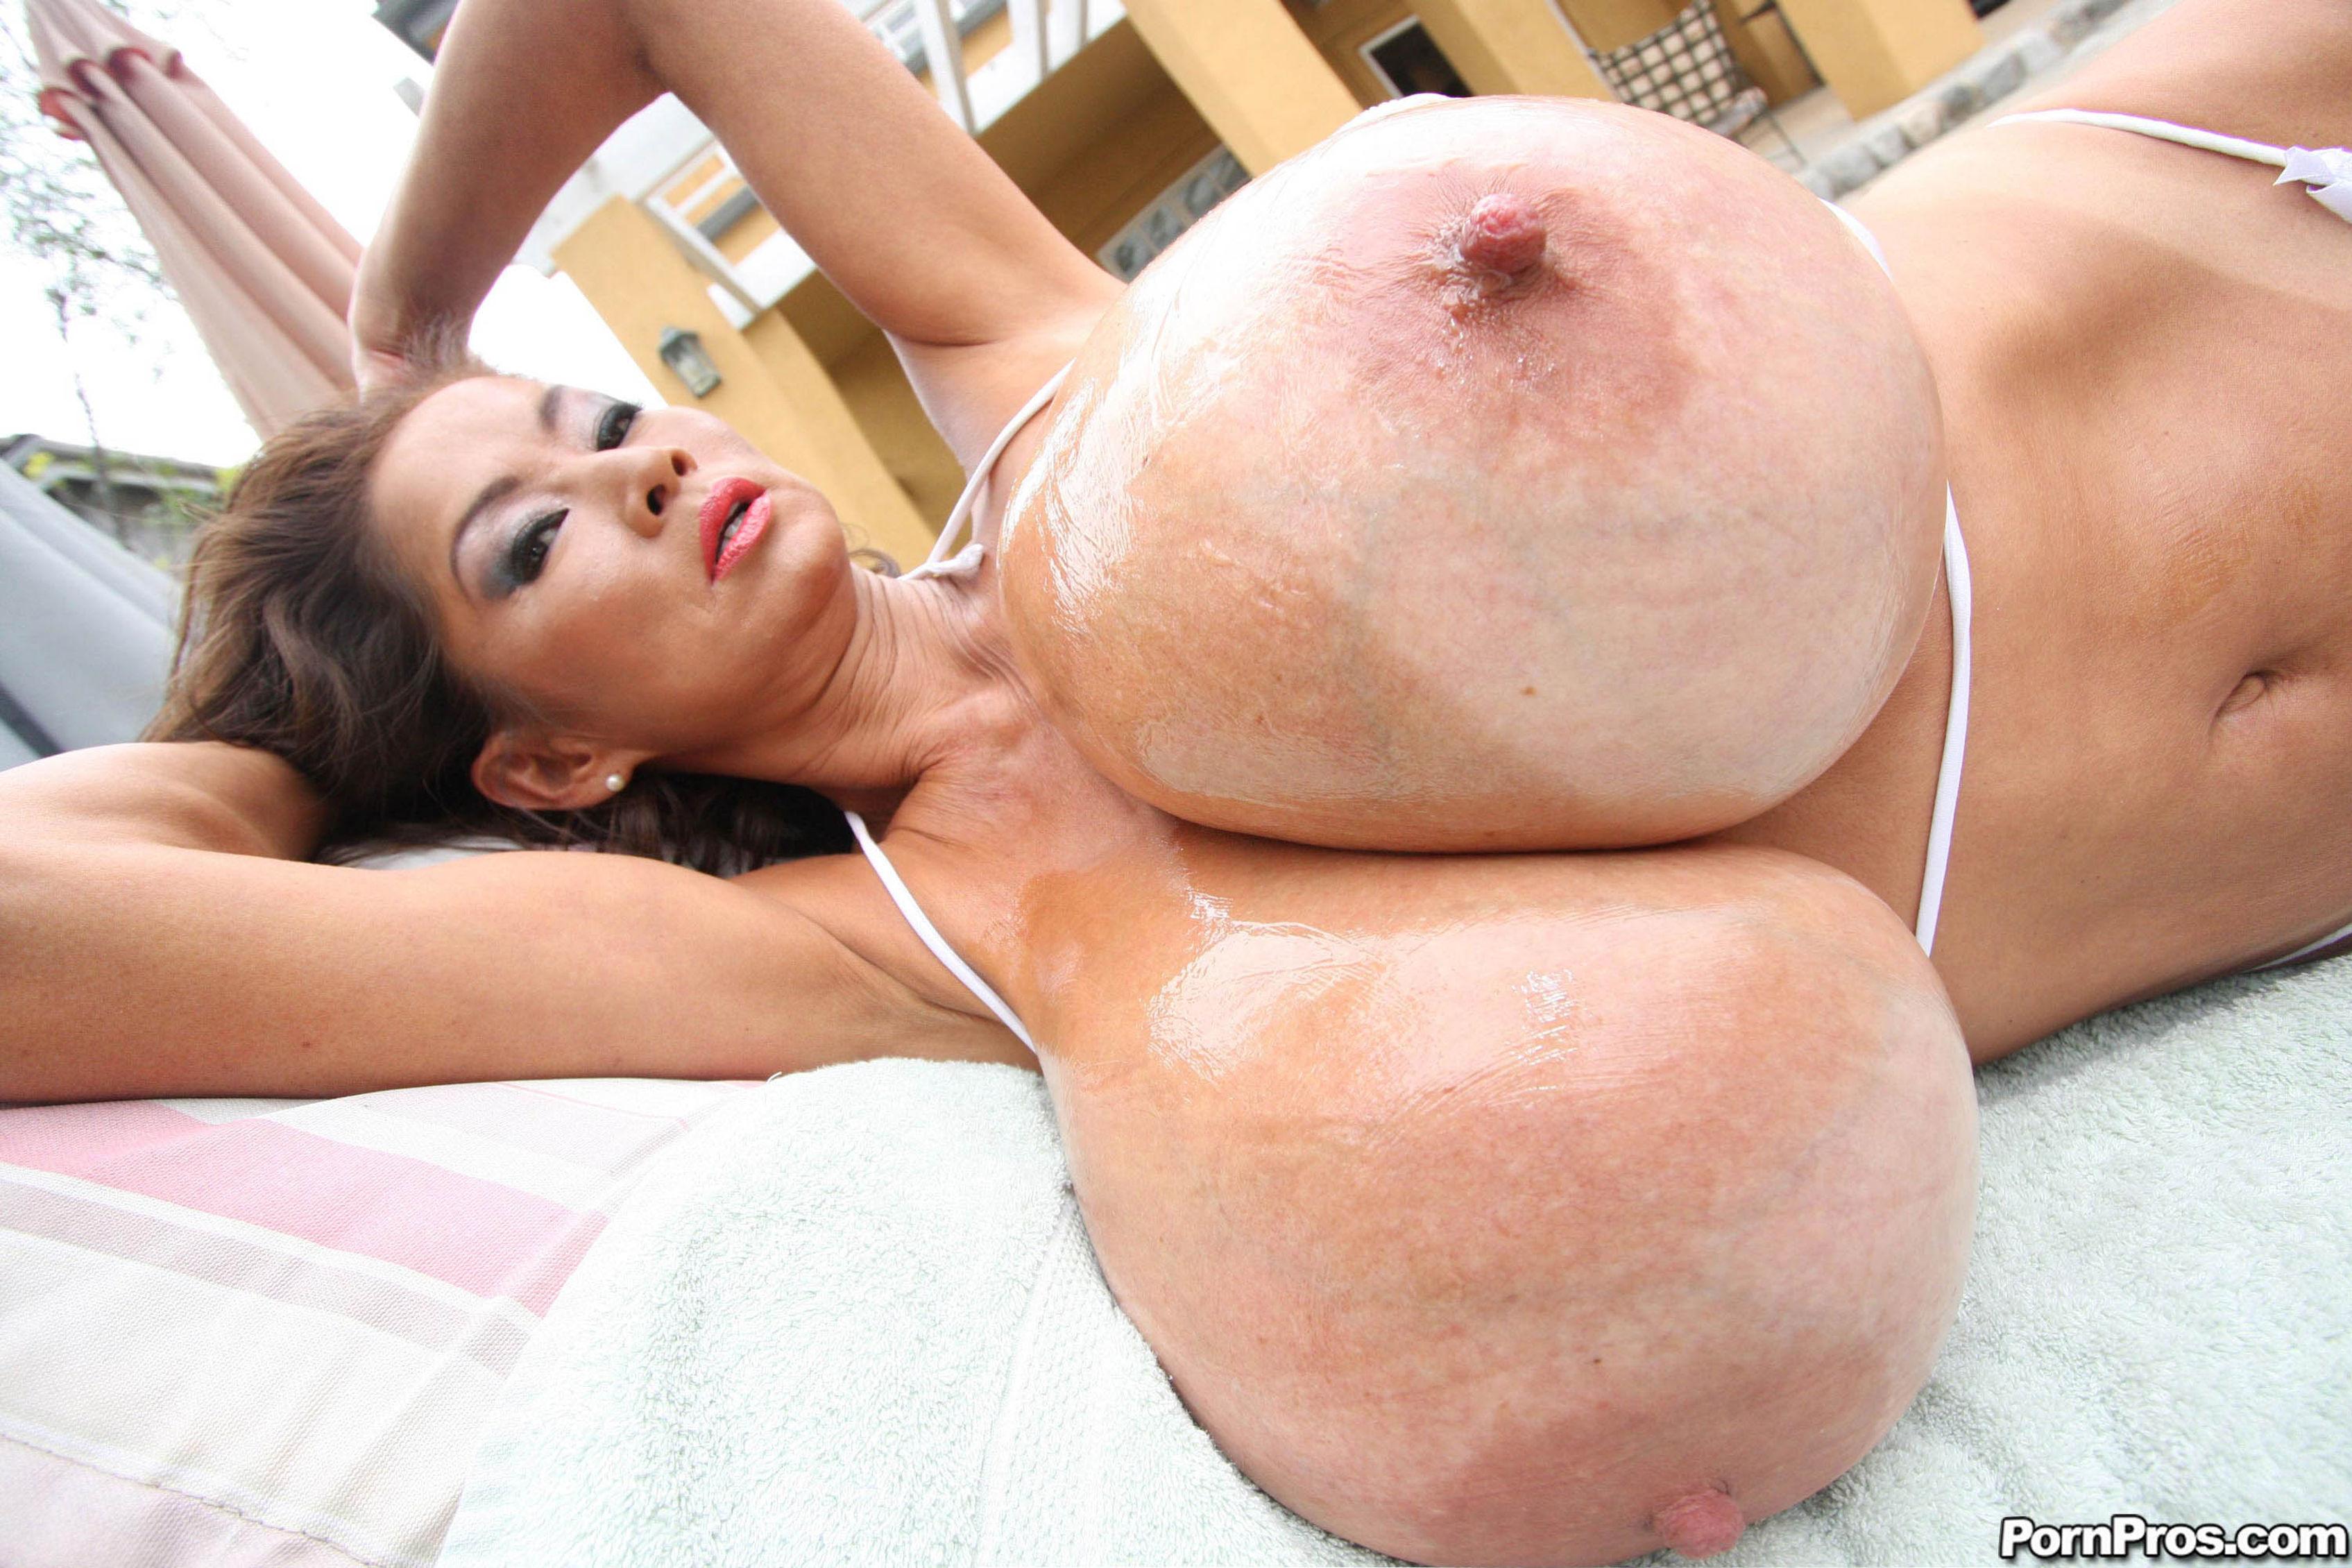 Самые огромные груди порно фото 20 фотография